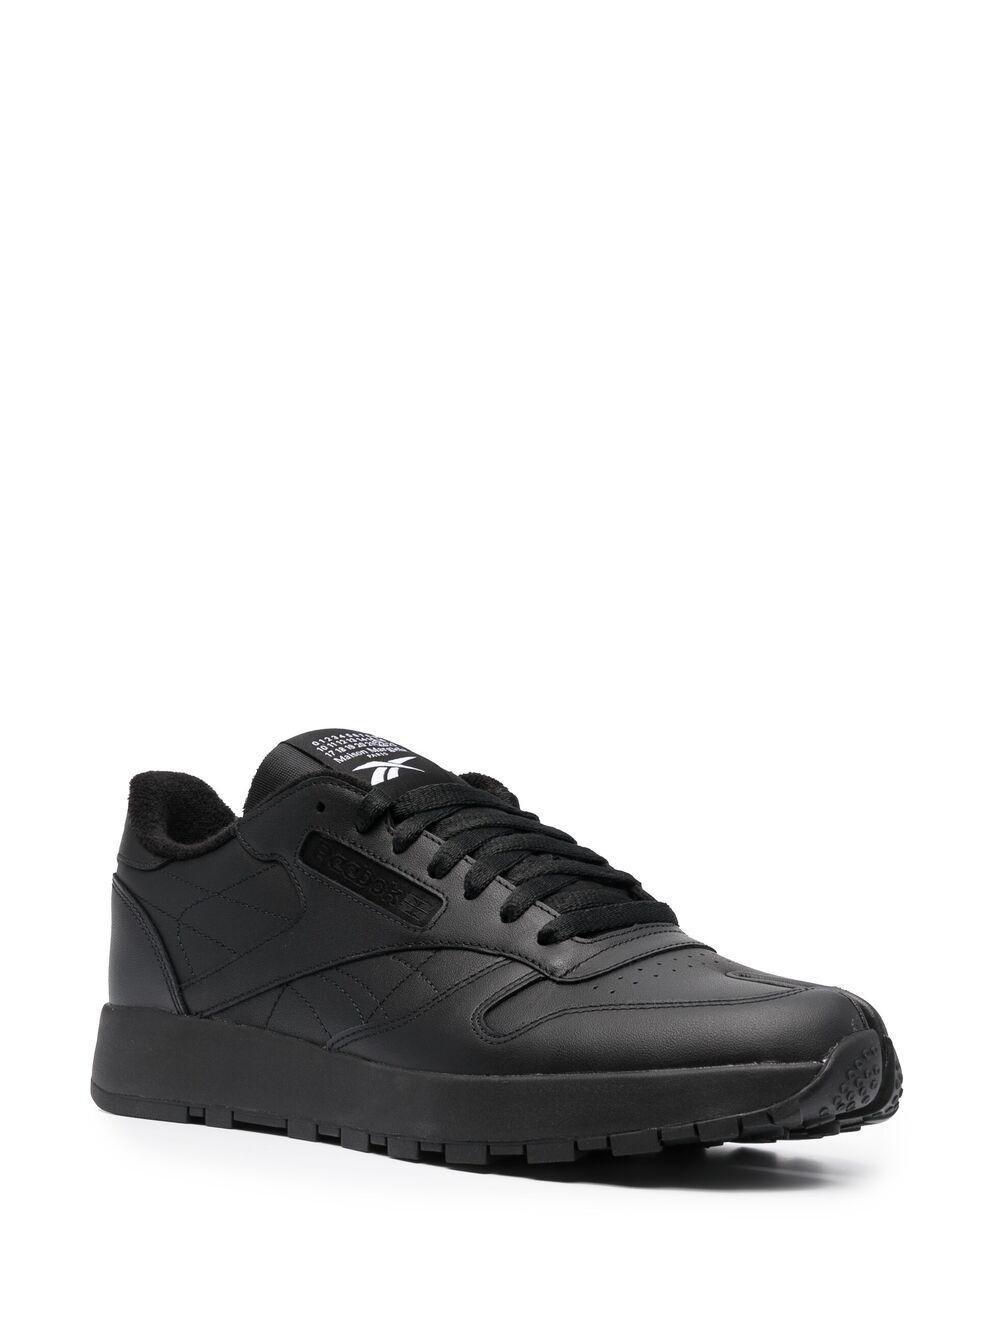 Reebok X Maison Margiela  project 0 cl tabi uomo REEBOK X MAISON MARGIELA | Sneakers | H04864BLACK